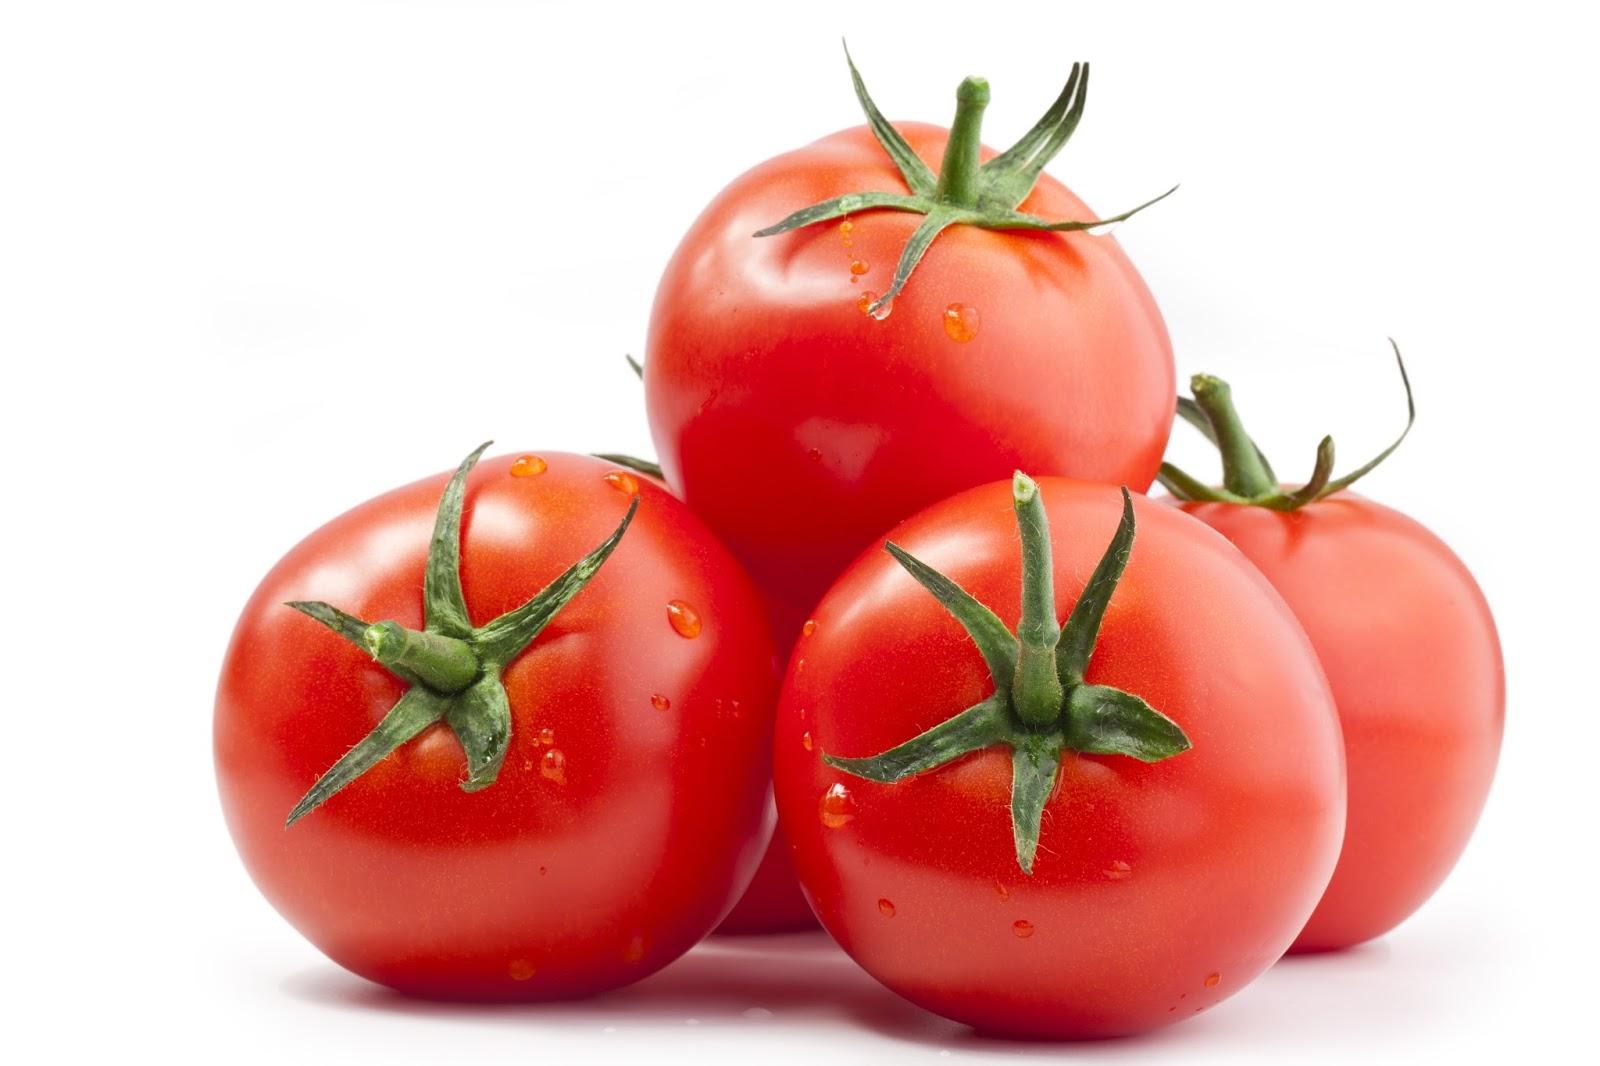 Manfaat Sayur Tomat Untuk Kecantikan Wajah